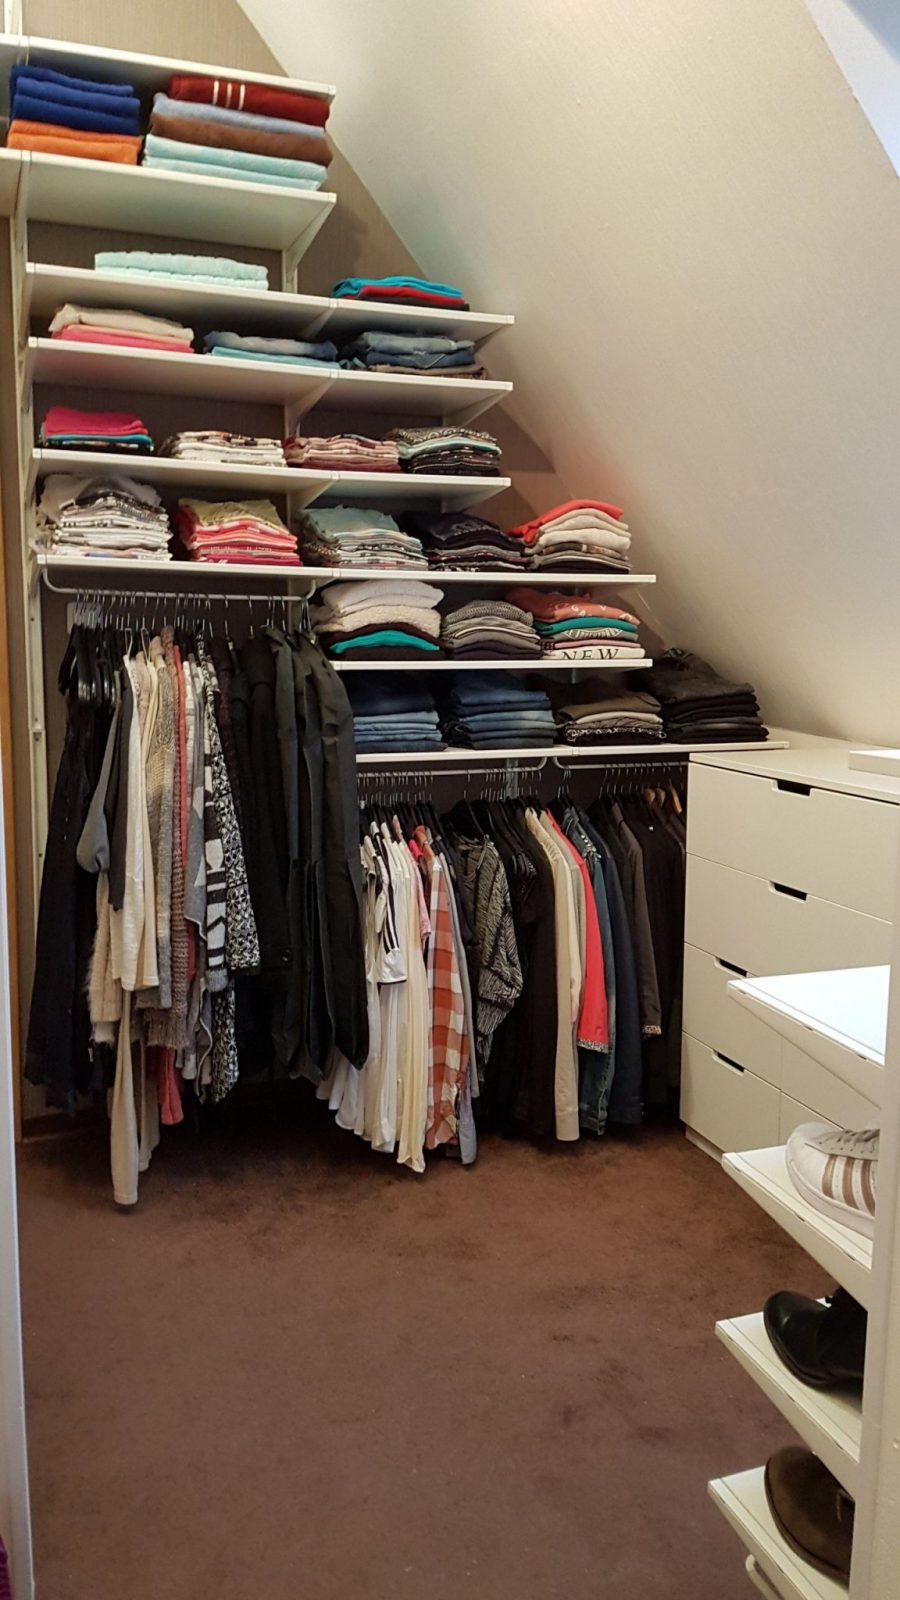 Unser Neues Ankleidezimmer Diy Ikea Selbermachen Regale Schrank von Kleider Regal Selber Bauen Bild